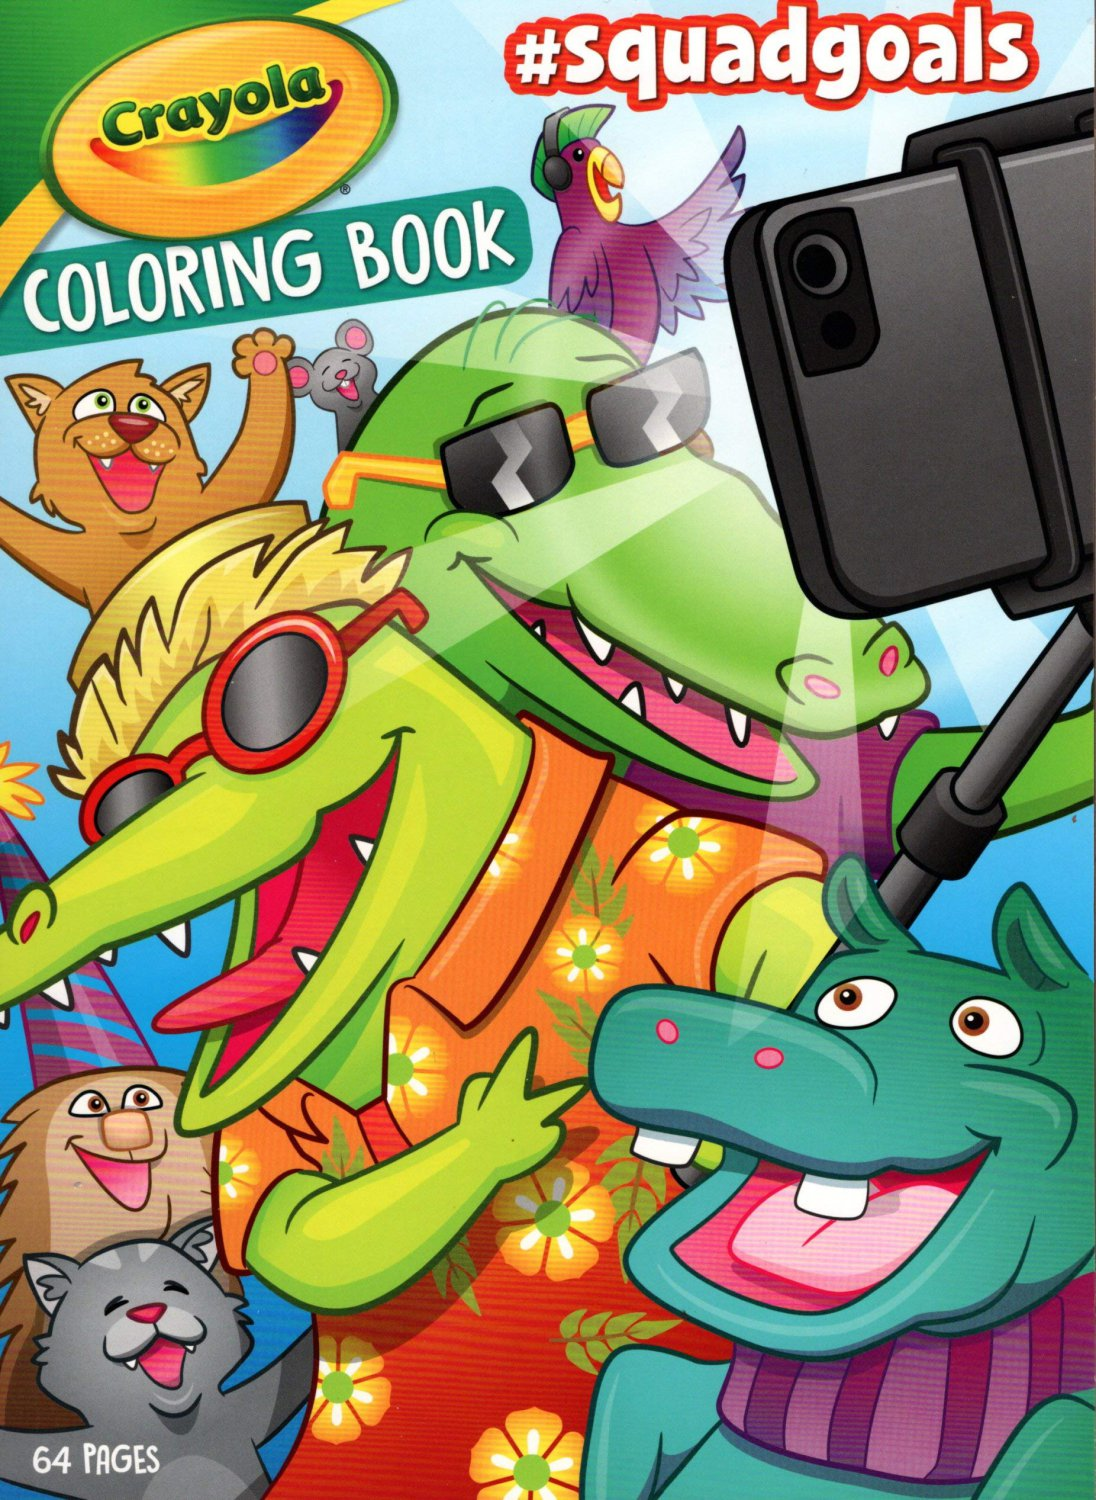 Crayola - Coloring Book - # Squadgoals